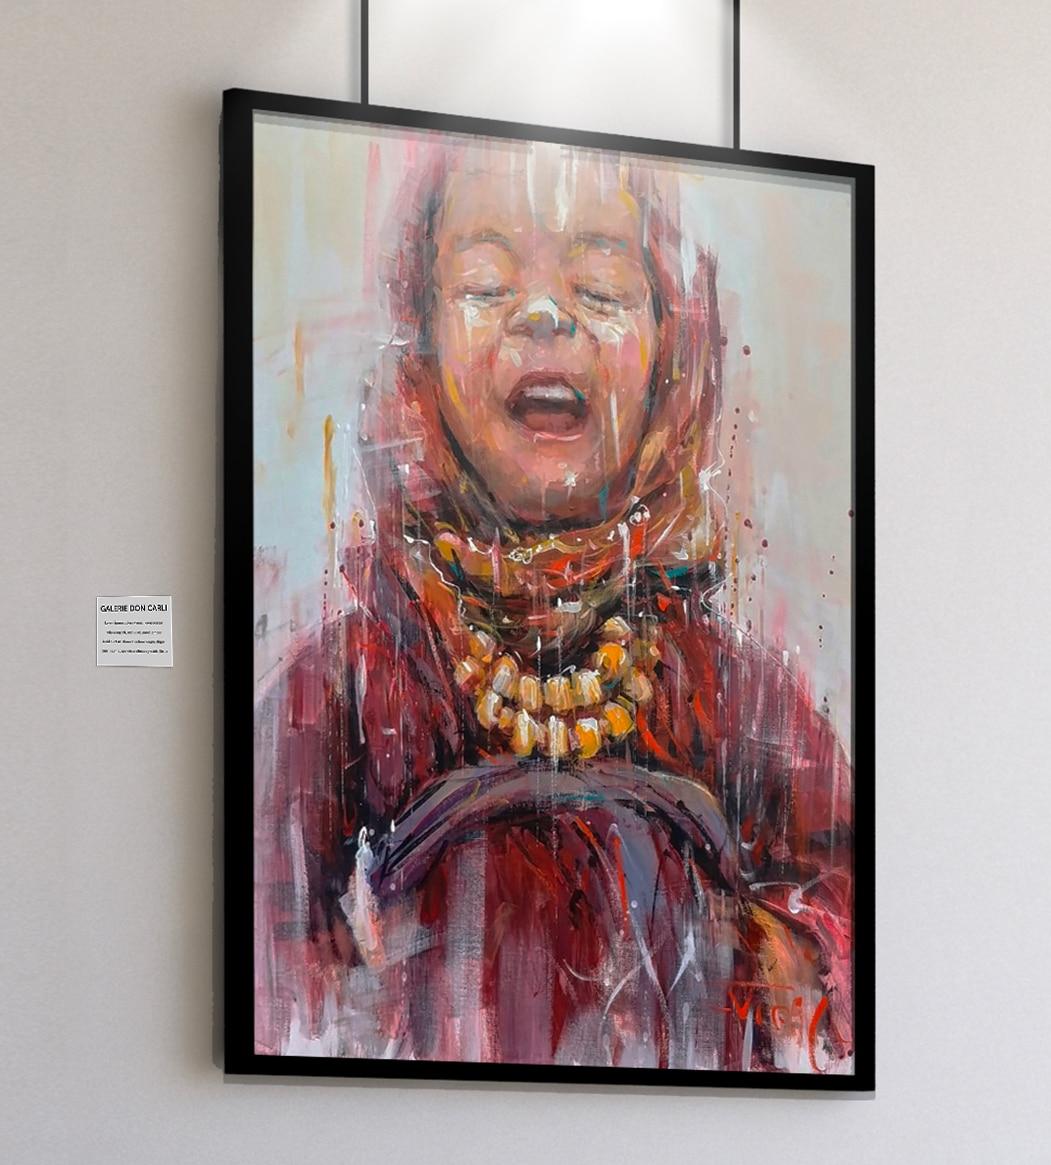 Galerie Don Carli Van Tam Innocent Smile